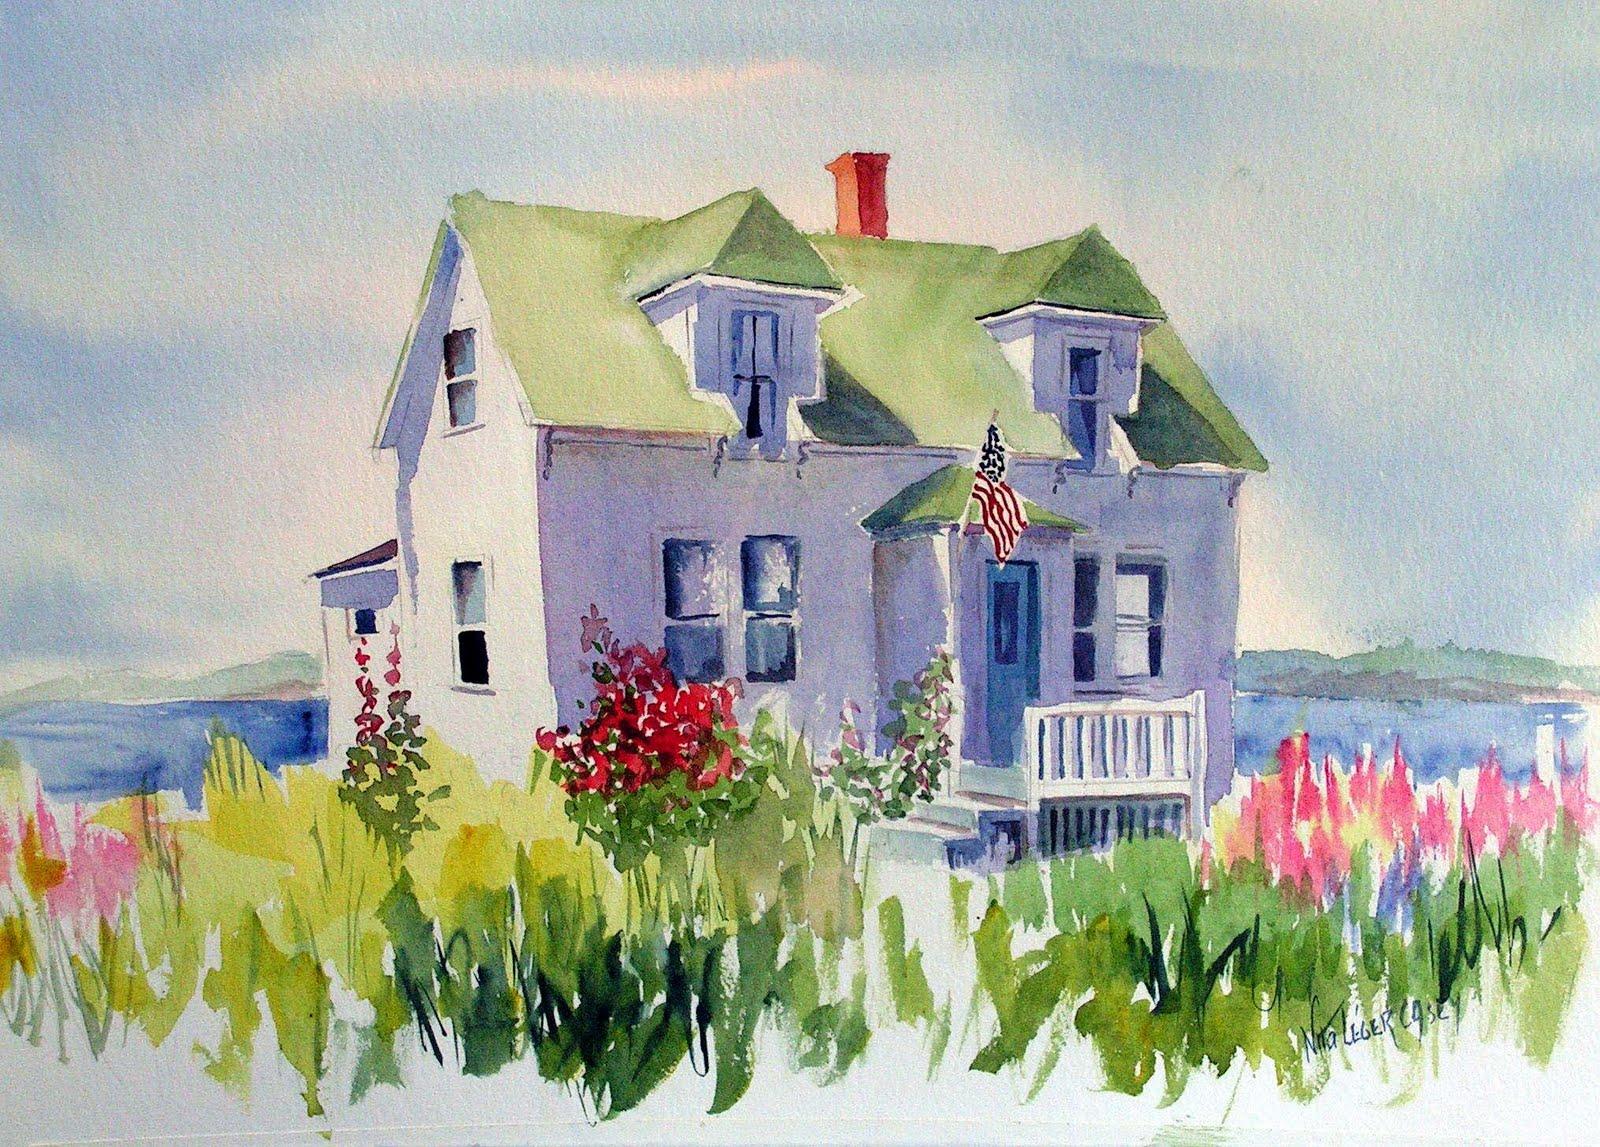 Nita l ger casey november 2010 for Watercolor cottages